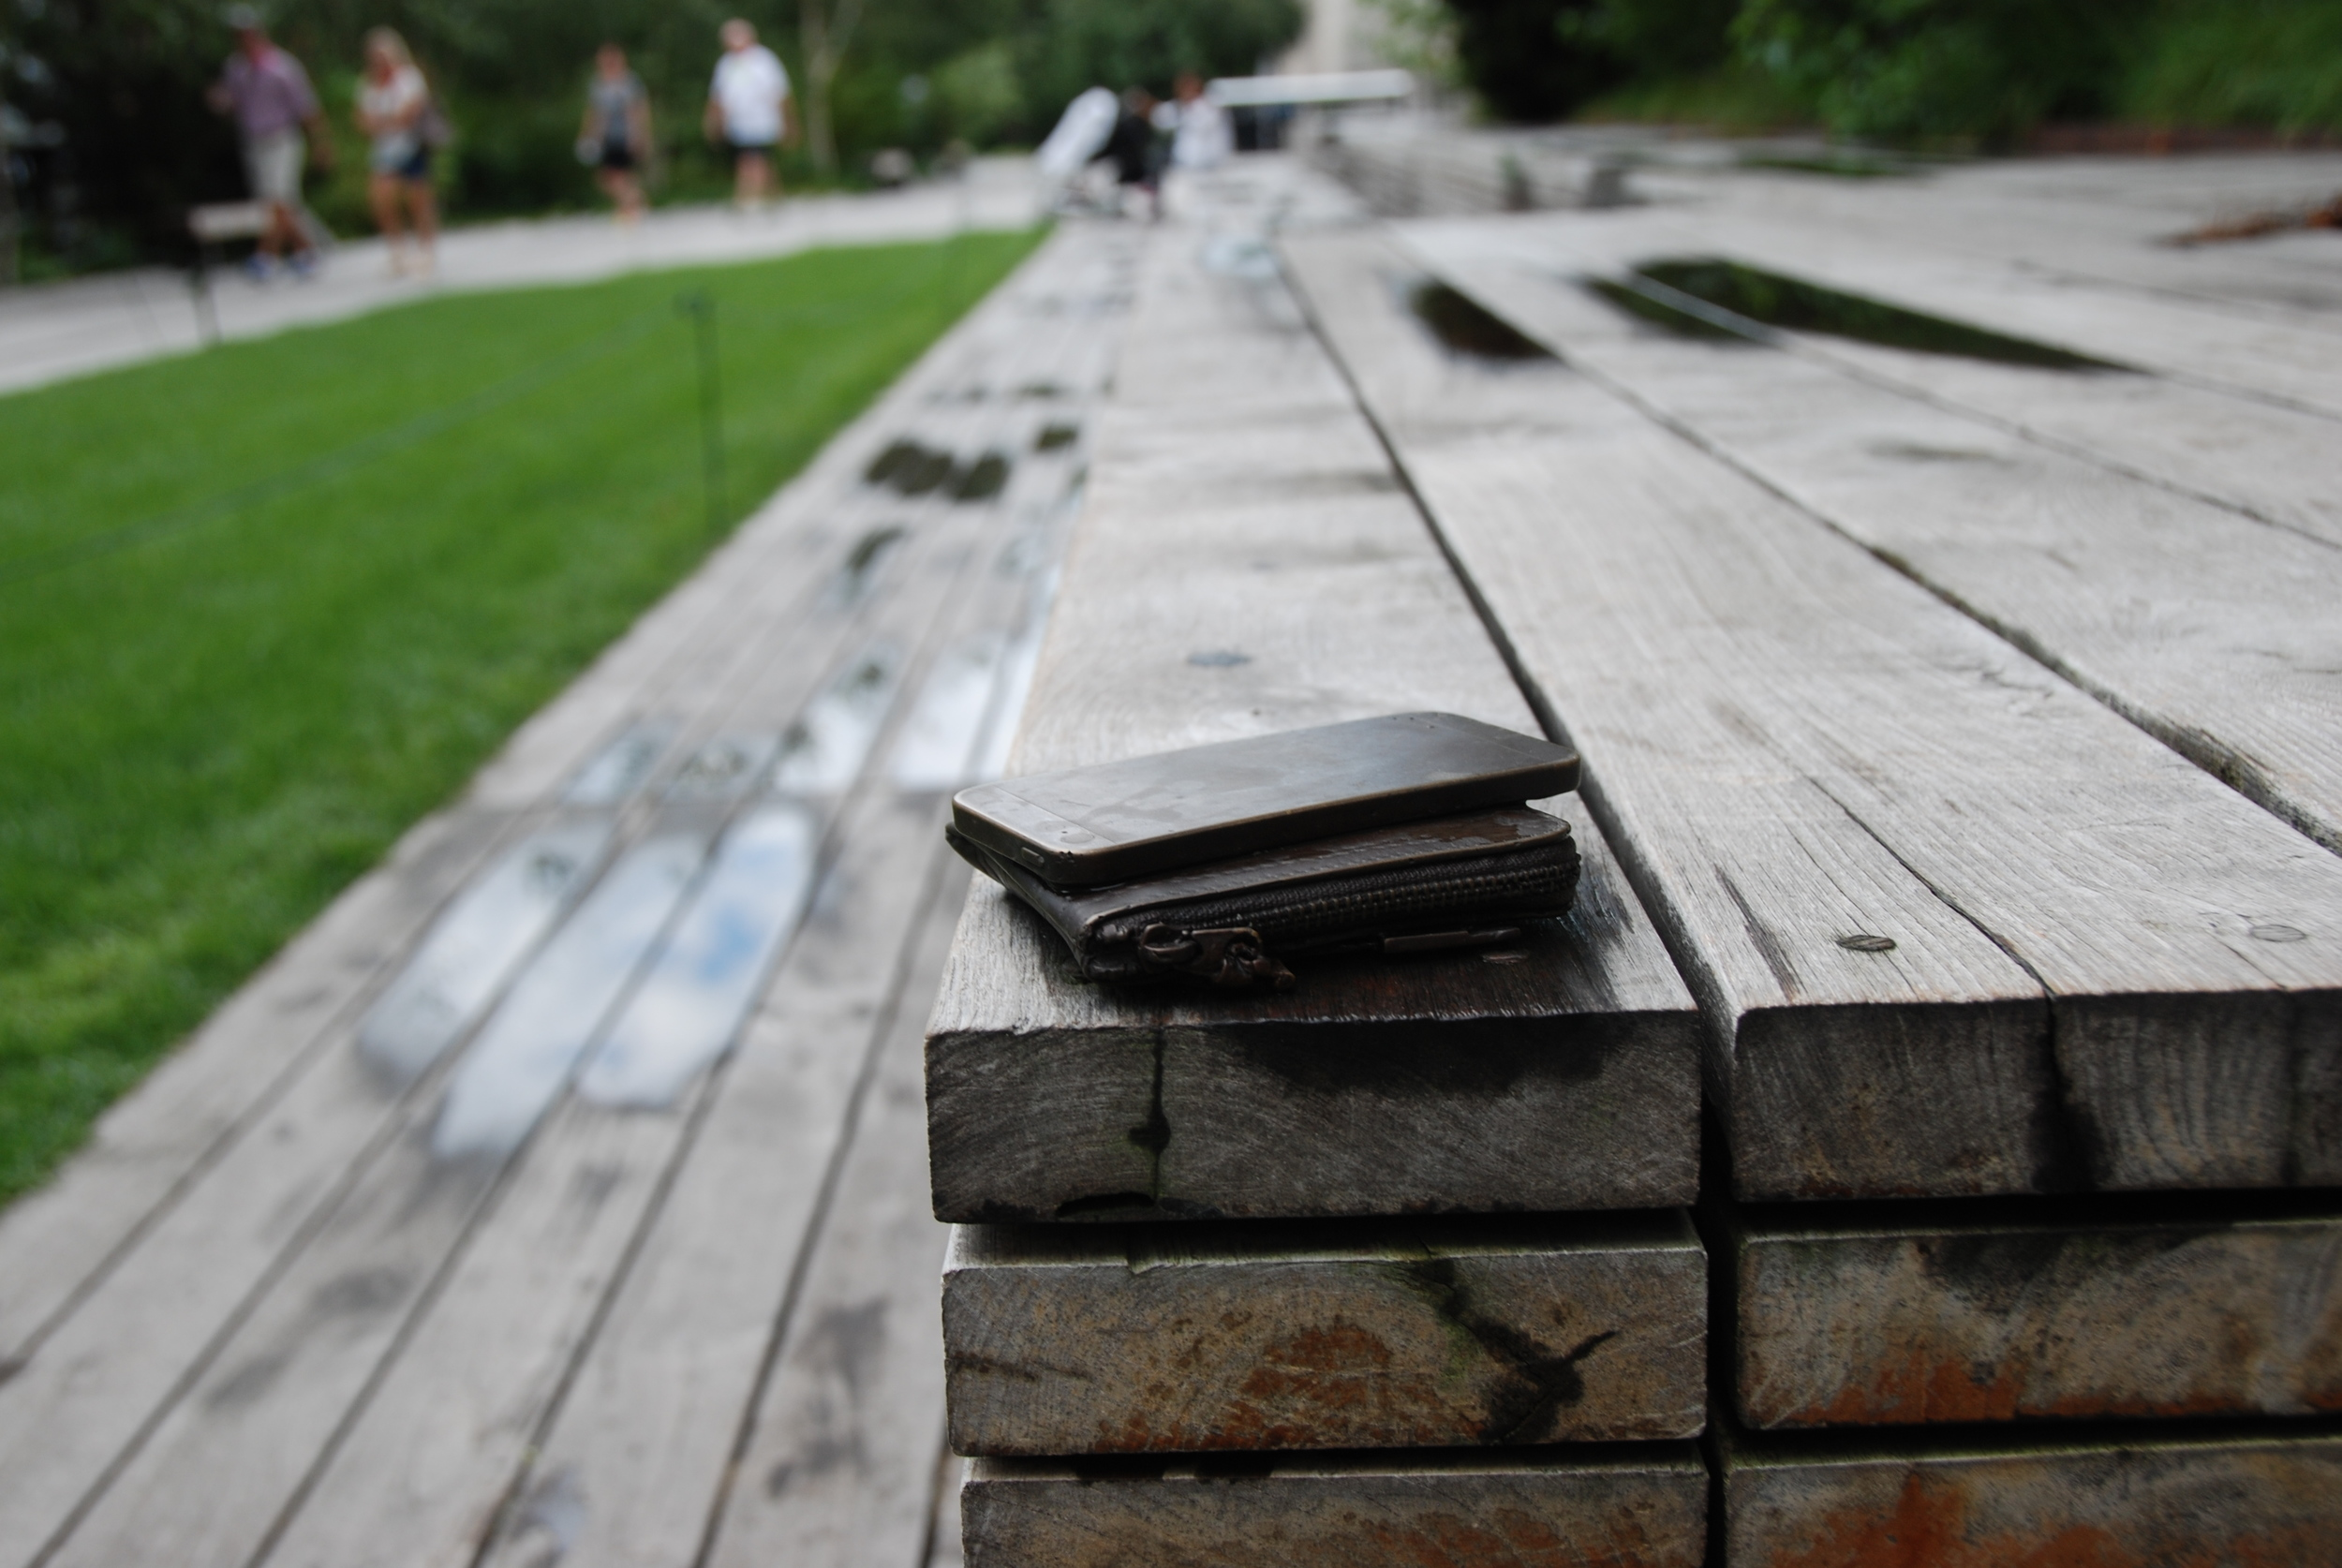 Řada lidí si myslí, že někdo na místě zapomněl svou peněženku a mobilní telefon. A tak se snaží dopátrat, kde najdou pracovníka, jemuž by mohli nález odevzdat. Jakmile však dojdete blíže, zjistíte, že nejde o zapomenuté věci, ale součást High Line. Drobnou sochu. Není to dokonalé? (foto: Libor Hinčica)